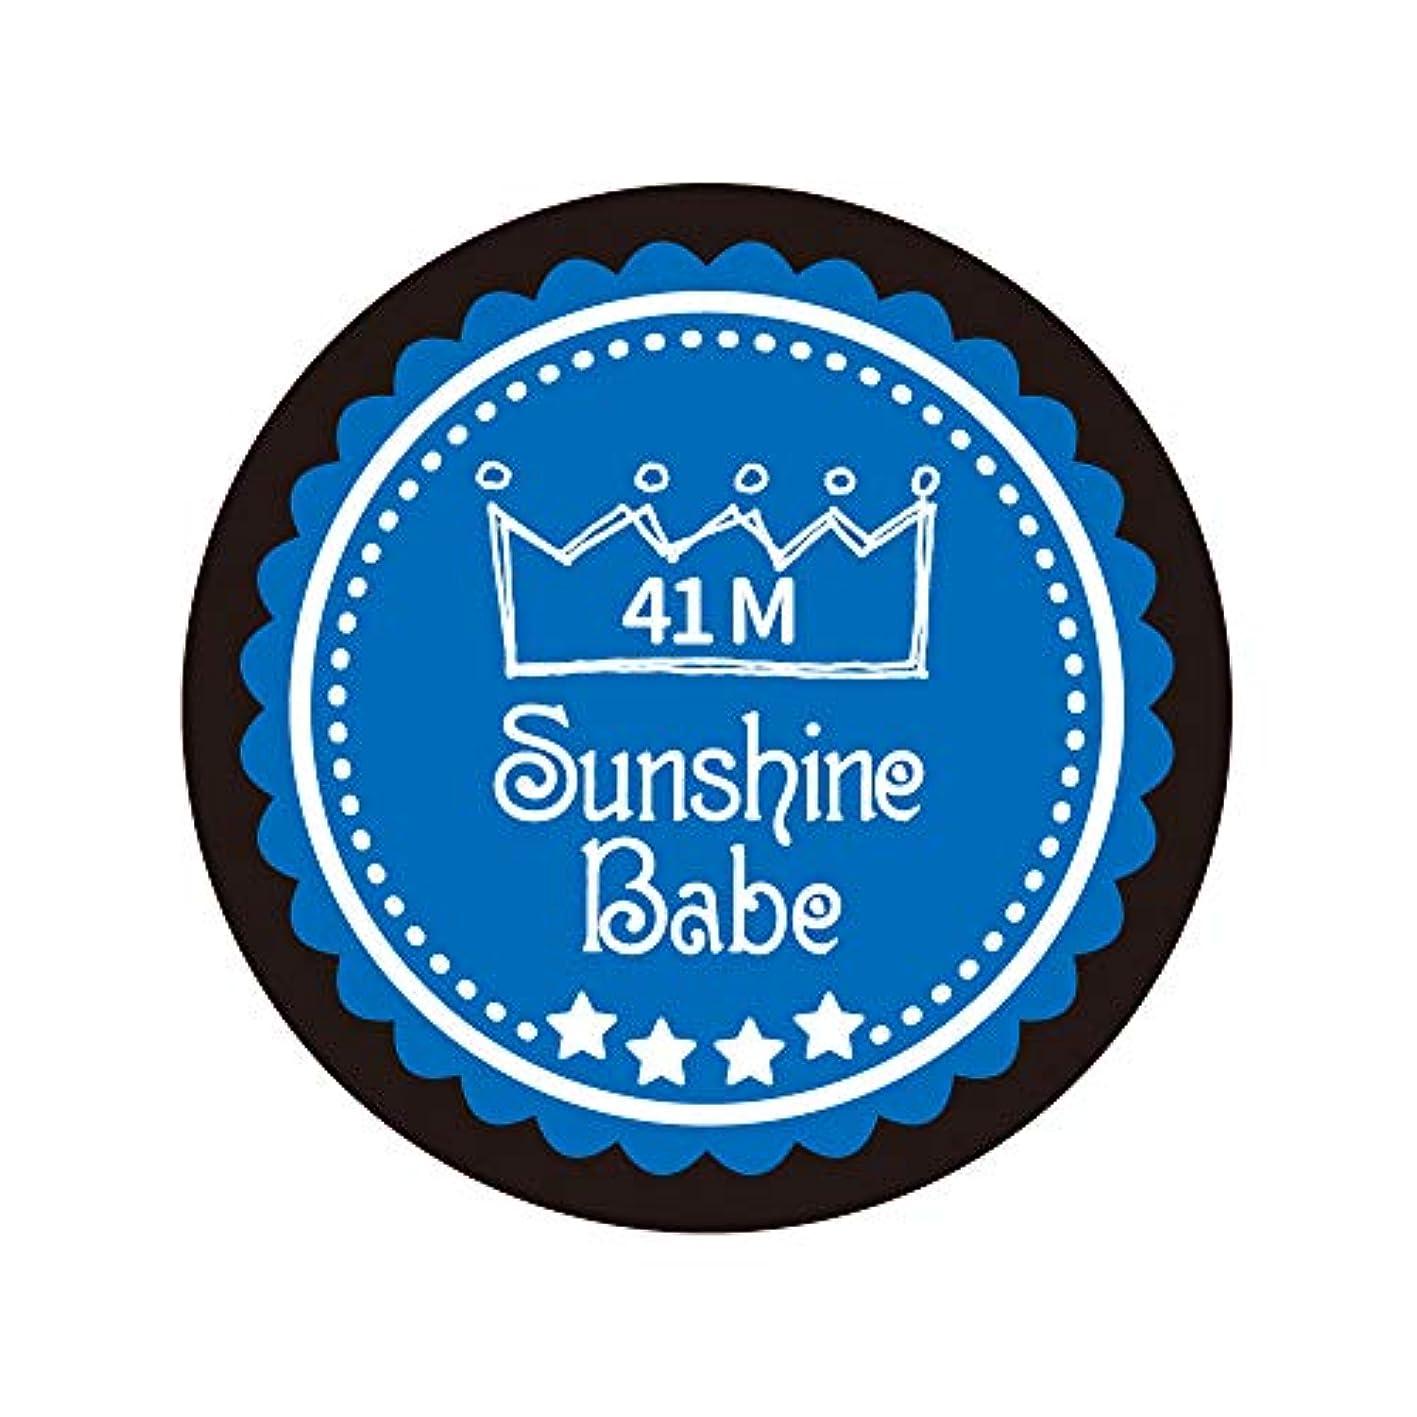 に慣れ引き出し倒産Sunshine Babe カラージェル 41M ネブラスブルー 2.7g UV/LED対応